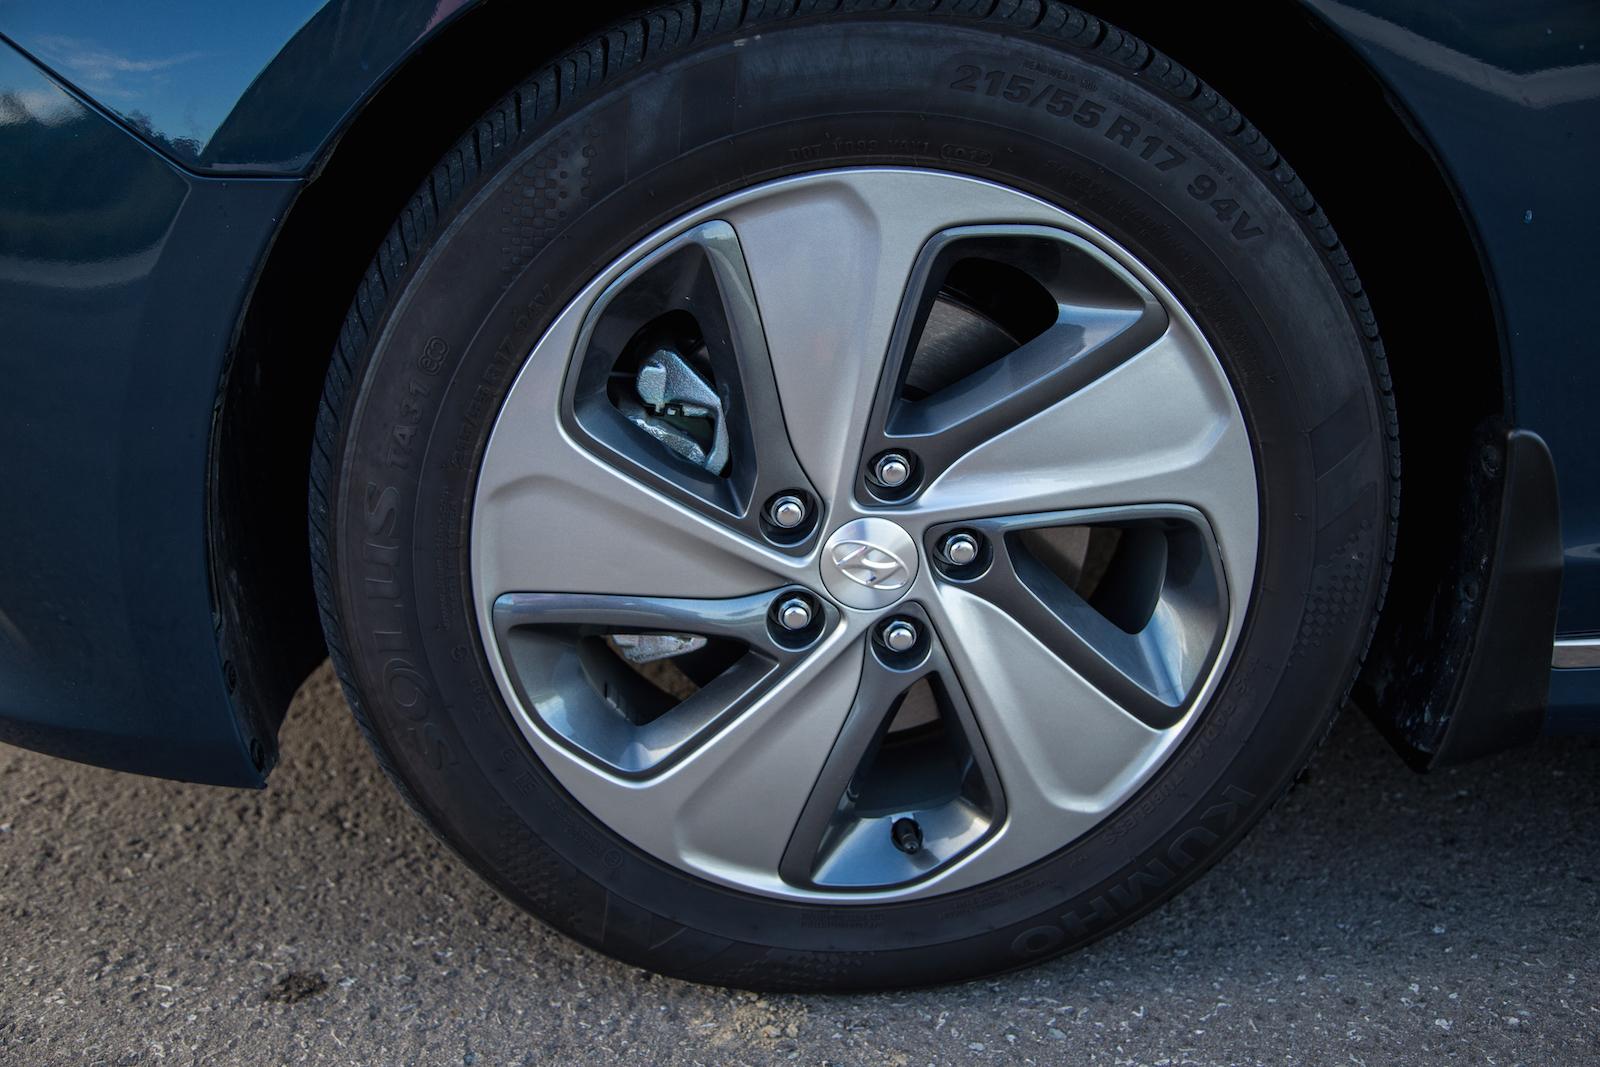 Hyundai Sonata Hybrid Tires on Hyundai Sonata